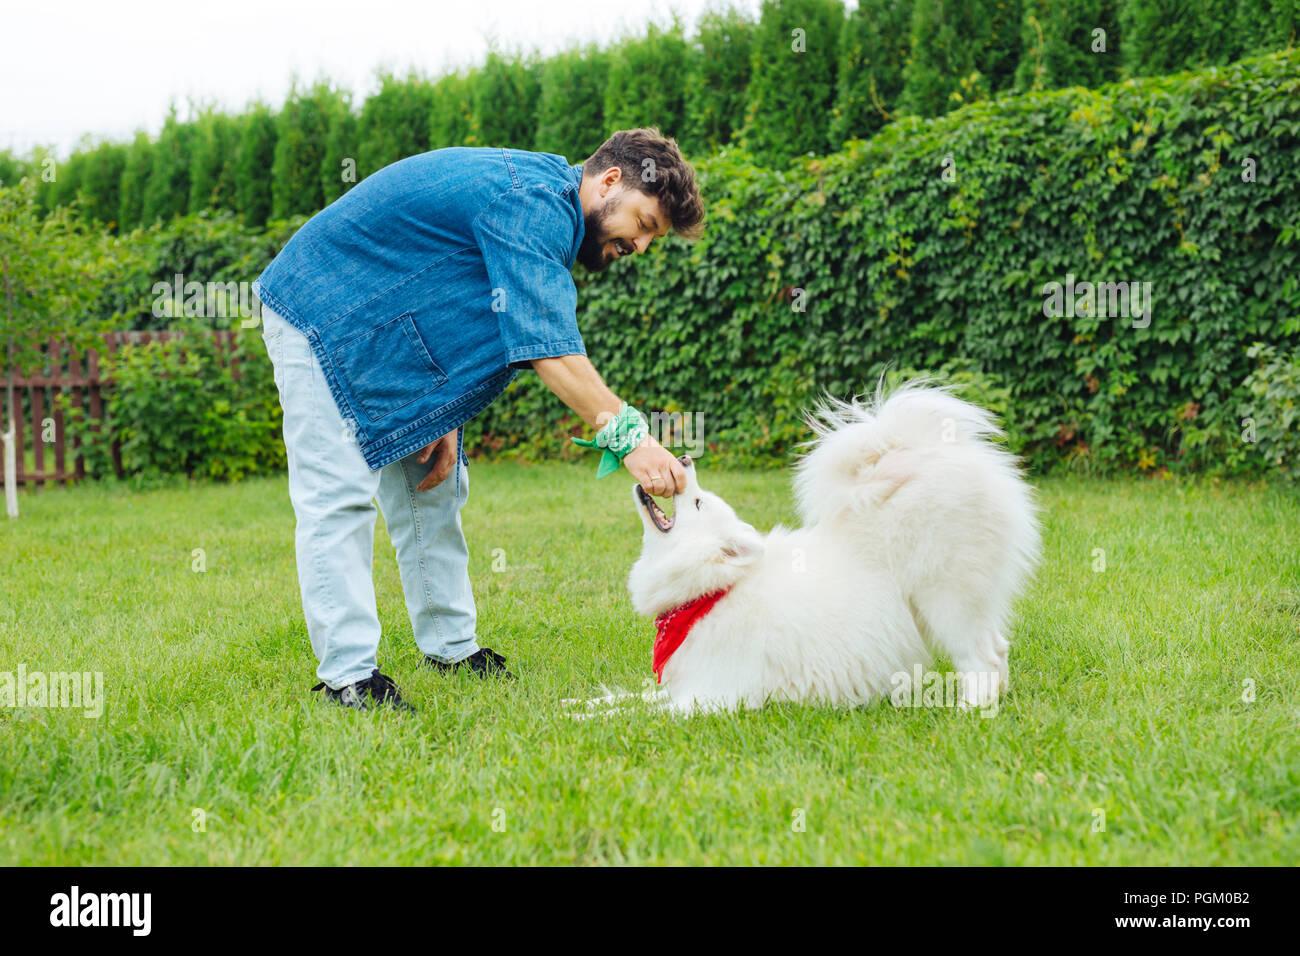 Carino soffici husky giocando con il suo bel proprietario Immagini Stock